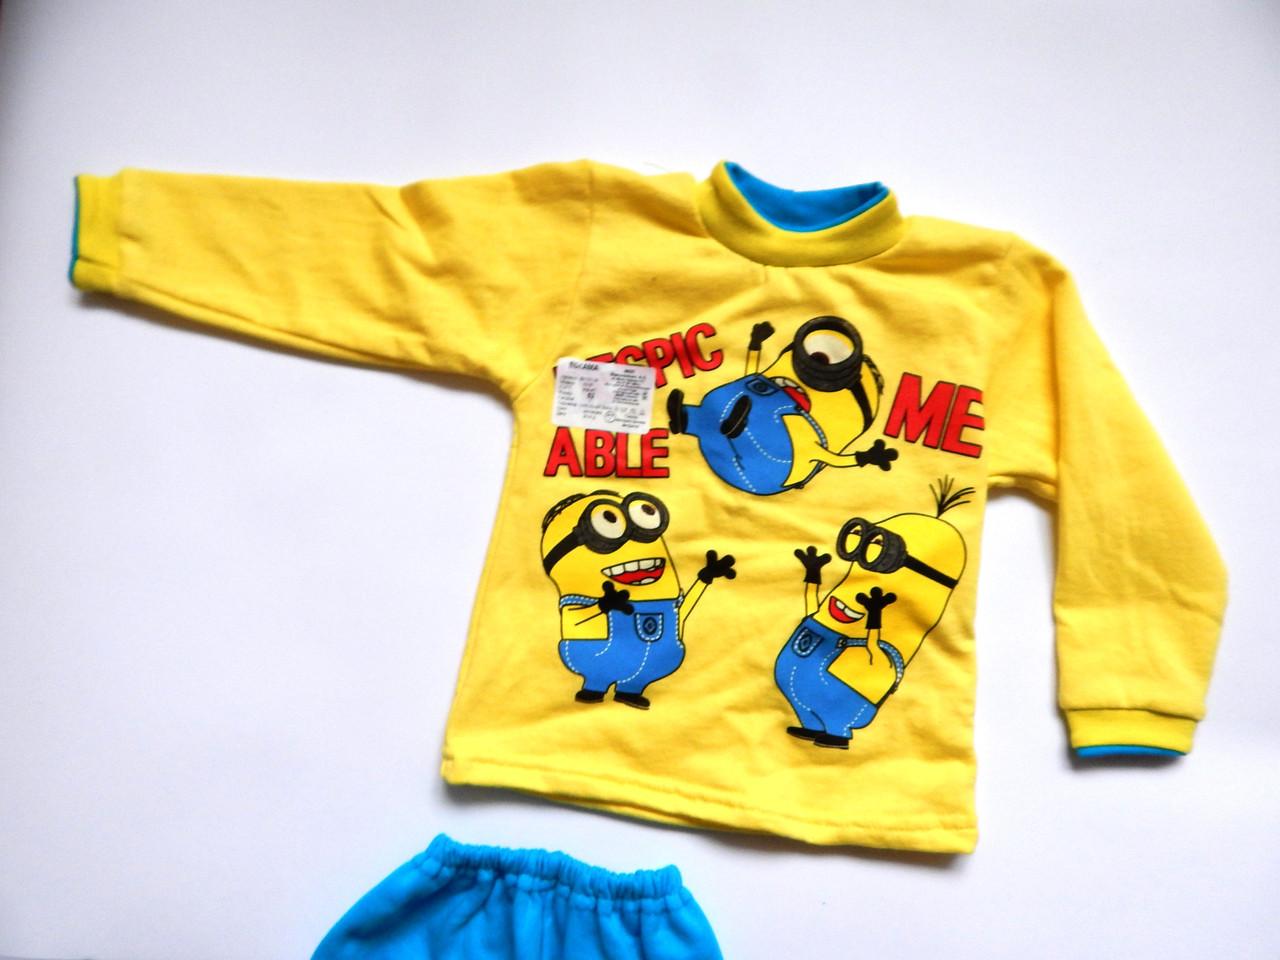 0850f26d1bd8 Пижама Миньоны - Сонячний Зайчик - магазин дитячого одягу в Ивано-Франковске